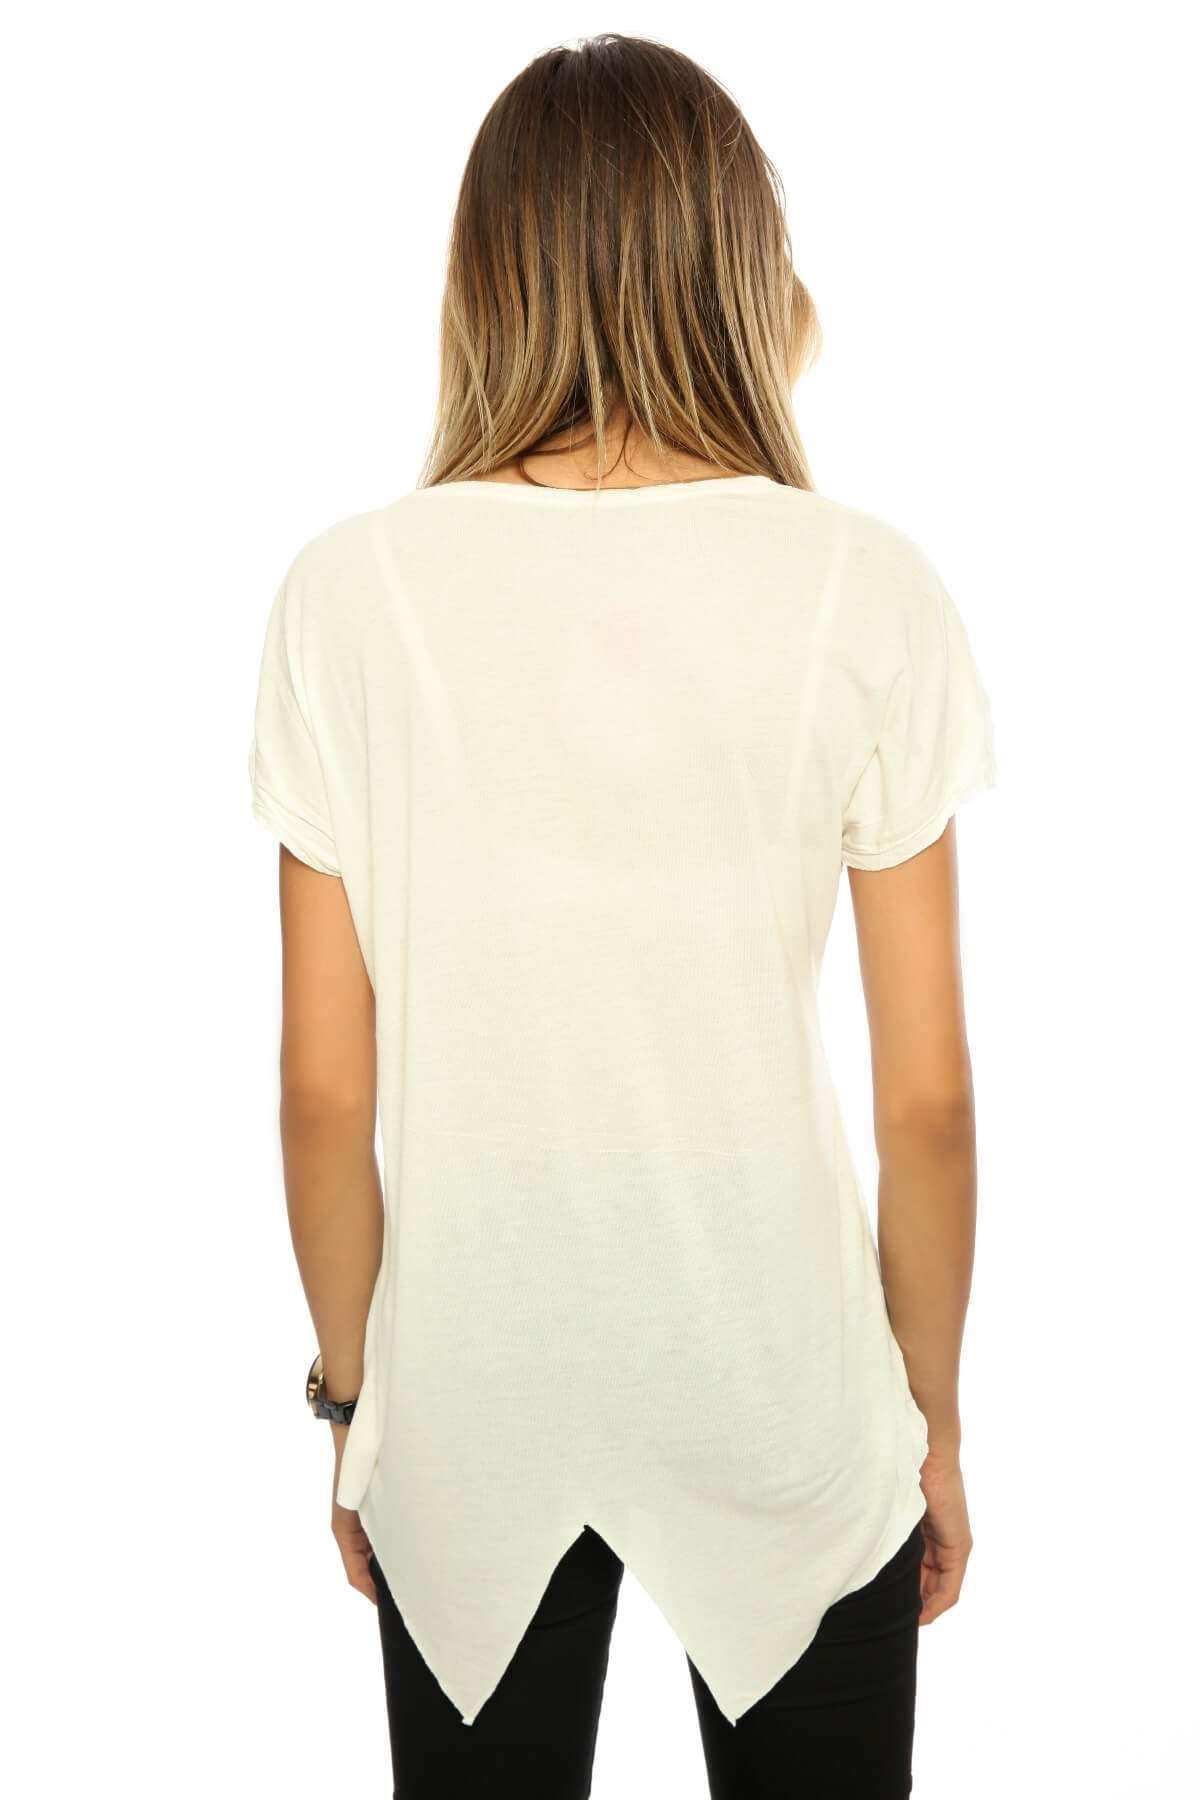 Önü Yazılı Altı Bağlamalı Salaş Tişört Beyaz